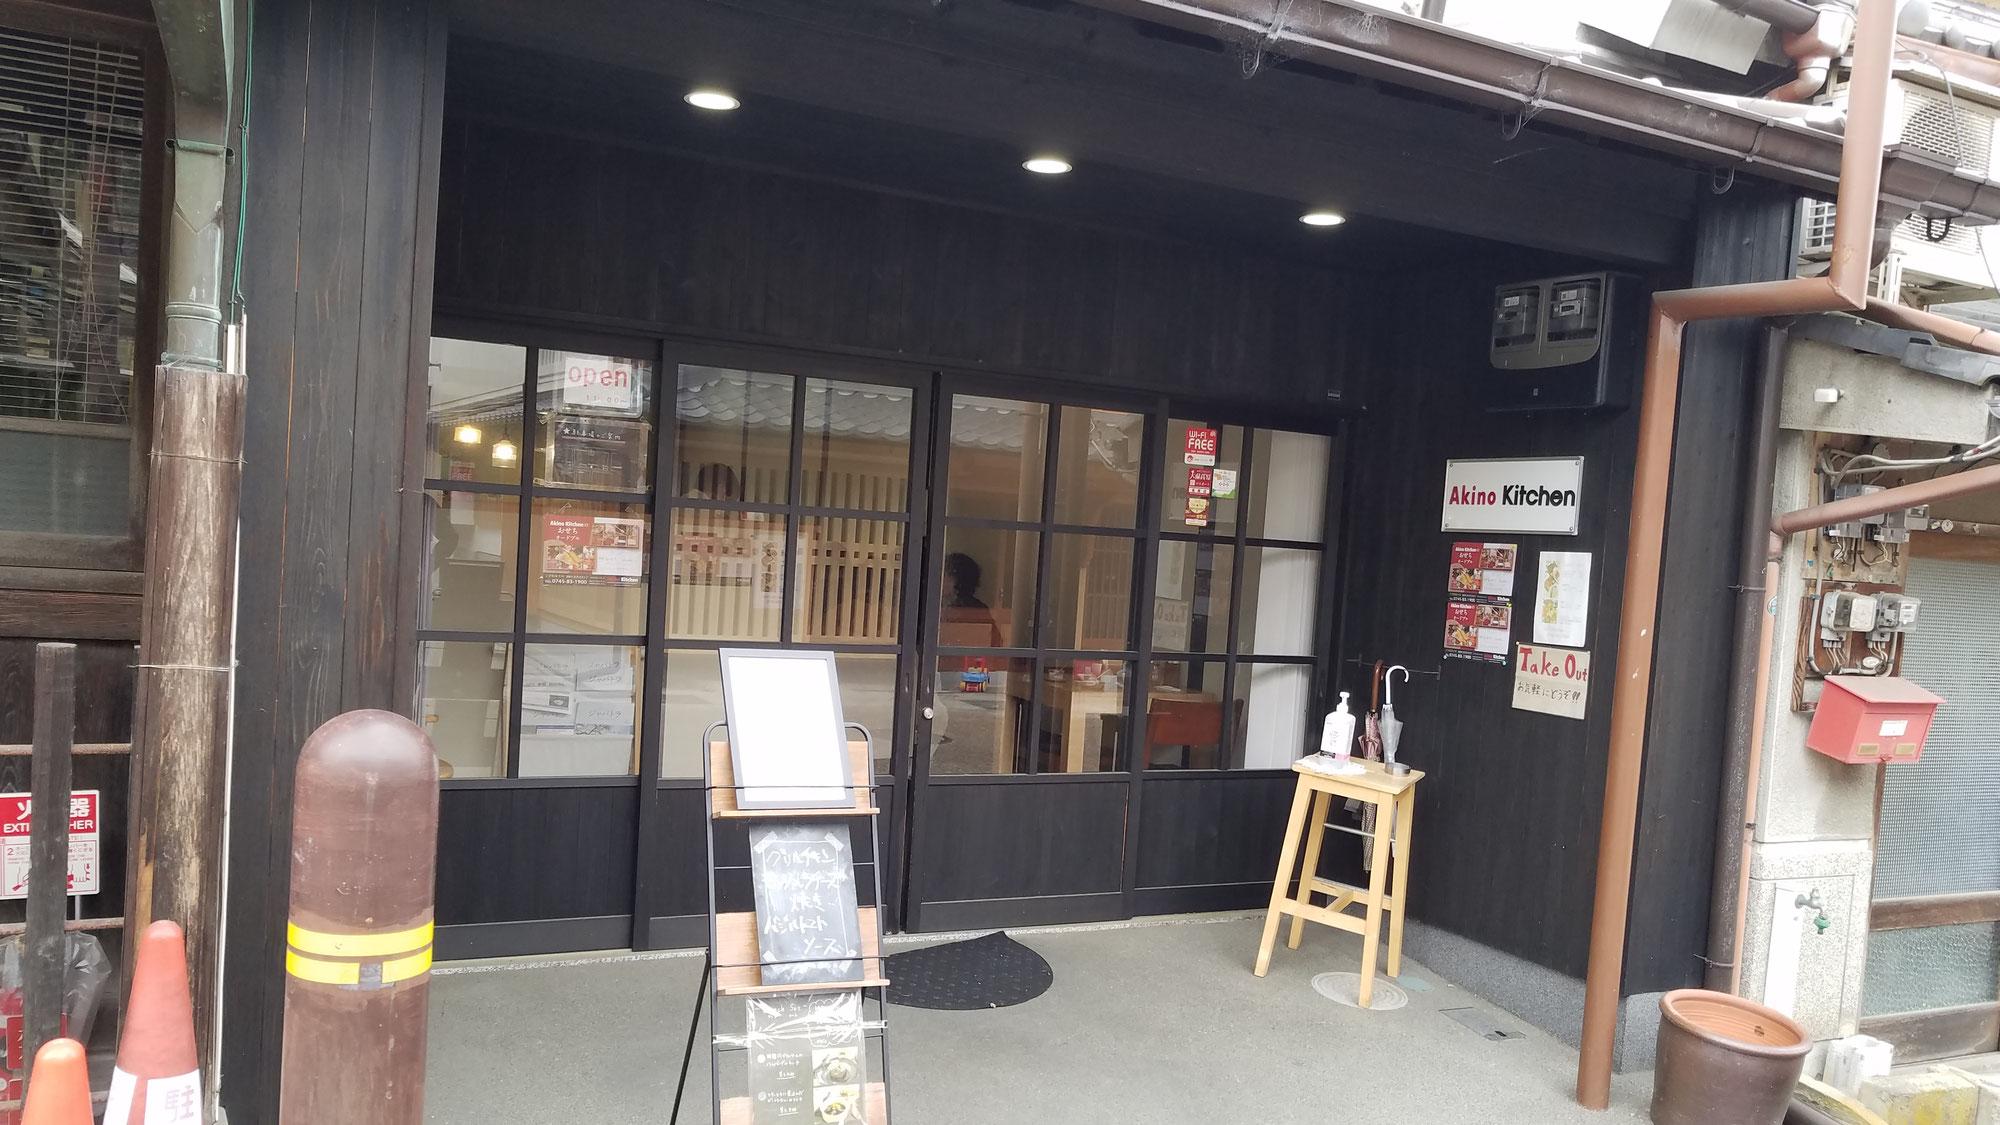 大宇陀にあるカフェ、アキノキッチン(AkinoKitchen)でランチ